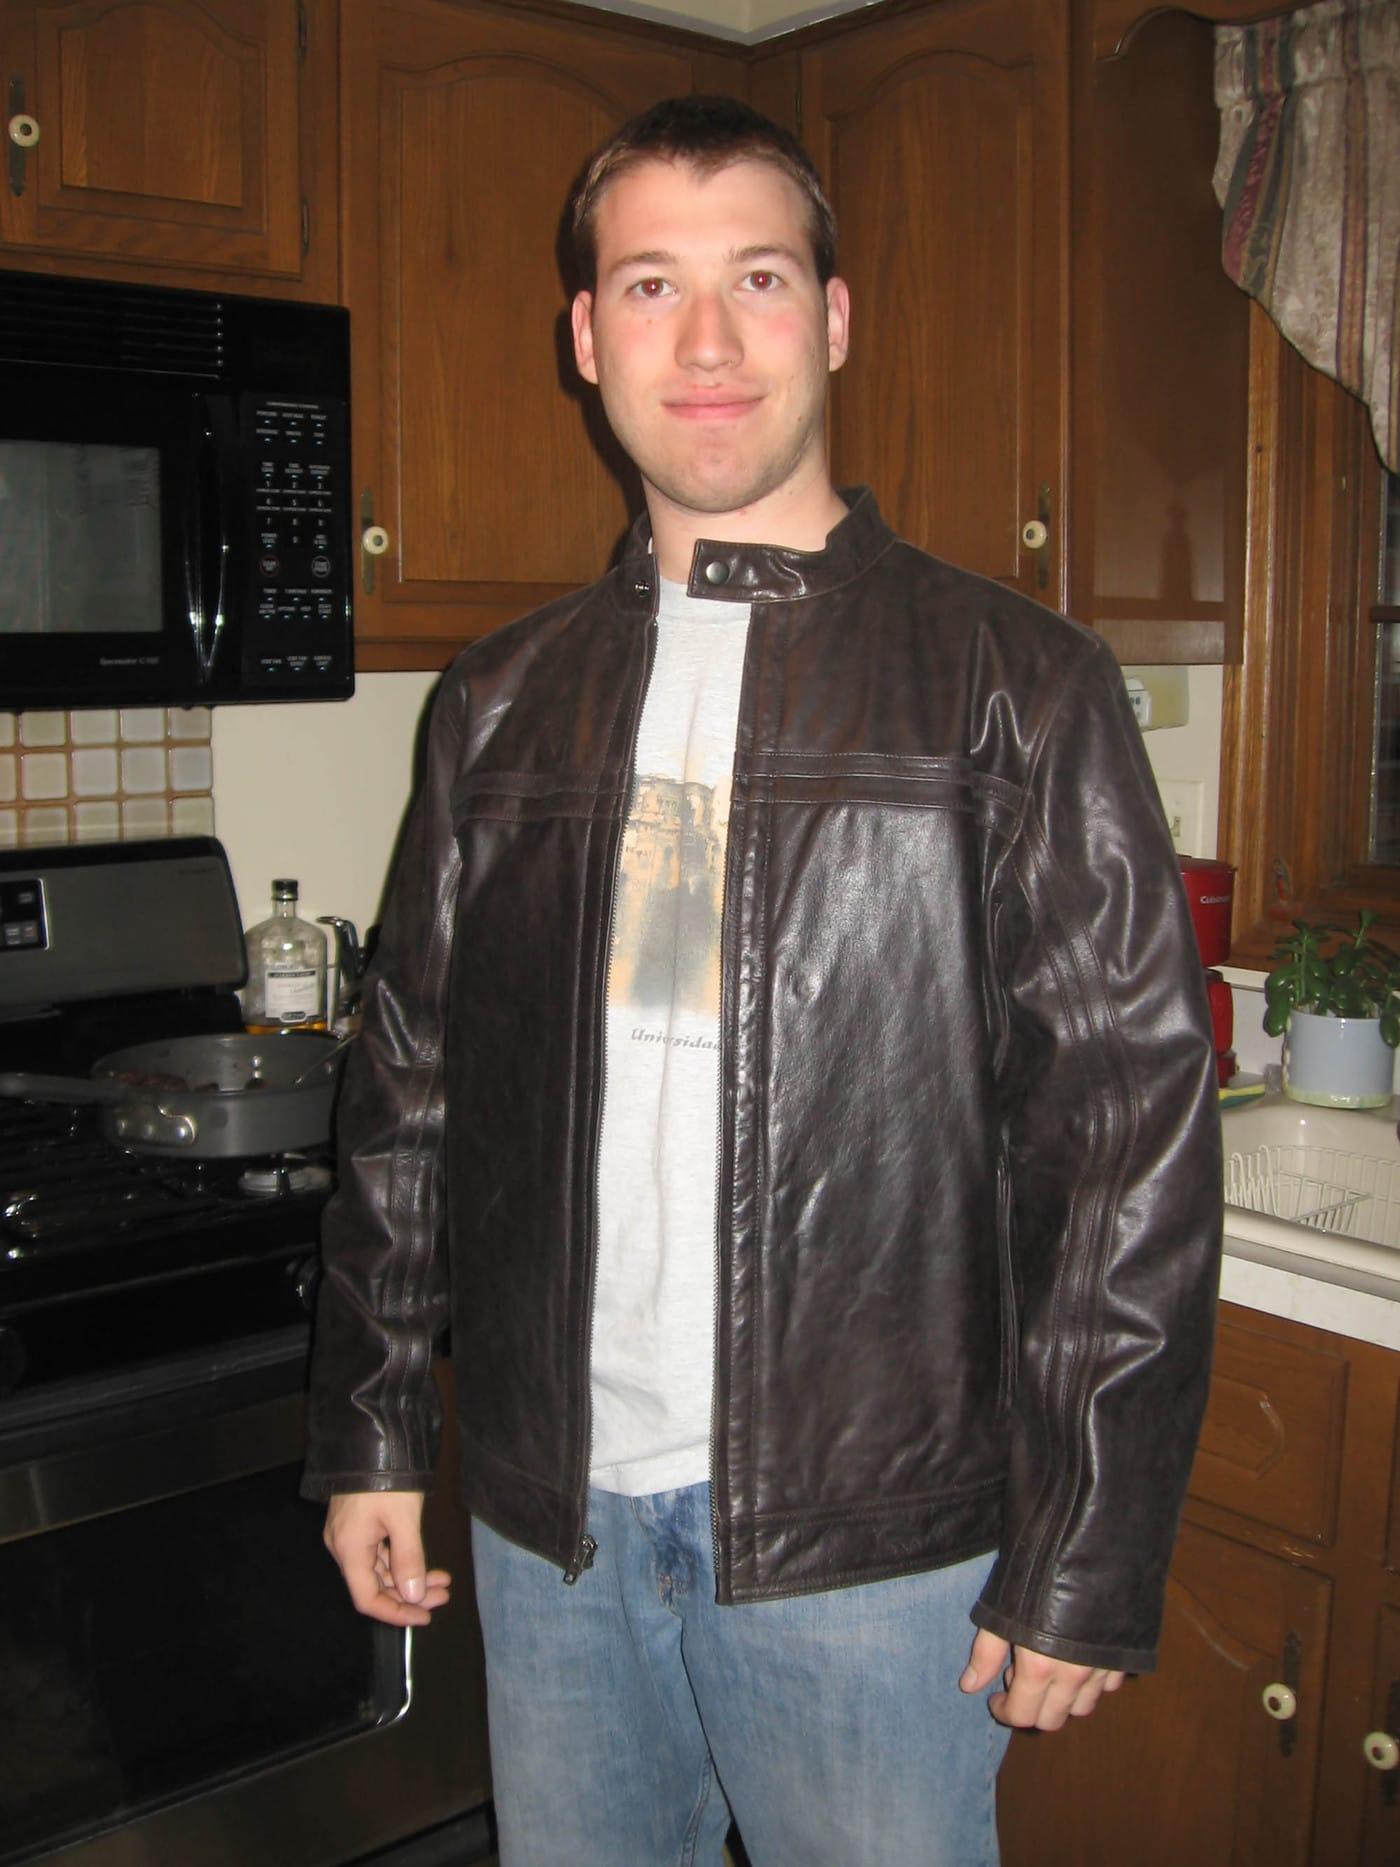 Matt bought a new jacket